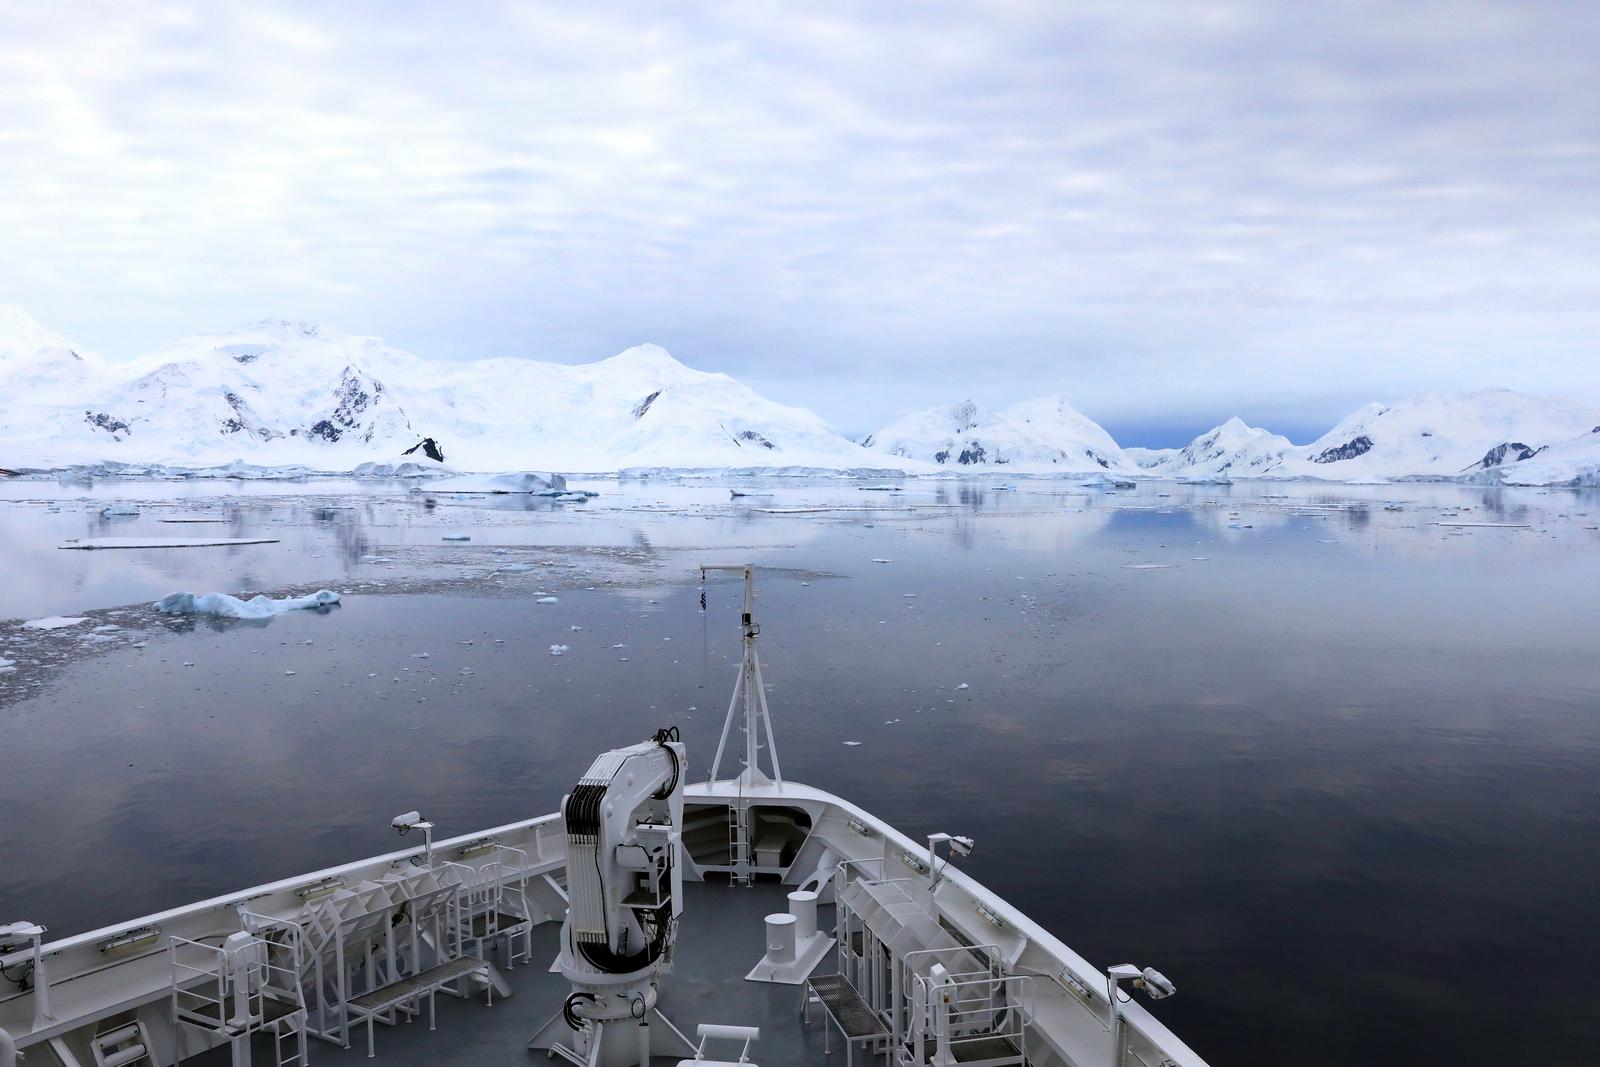 1702_Antarctique_03943_c_sm.jpg